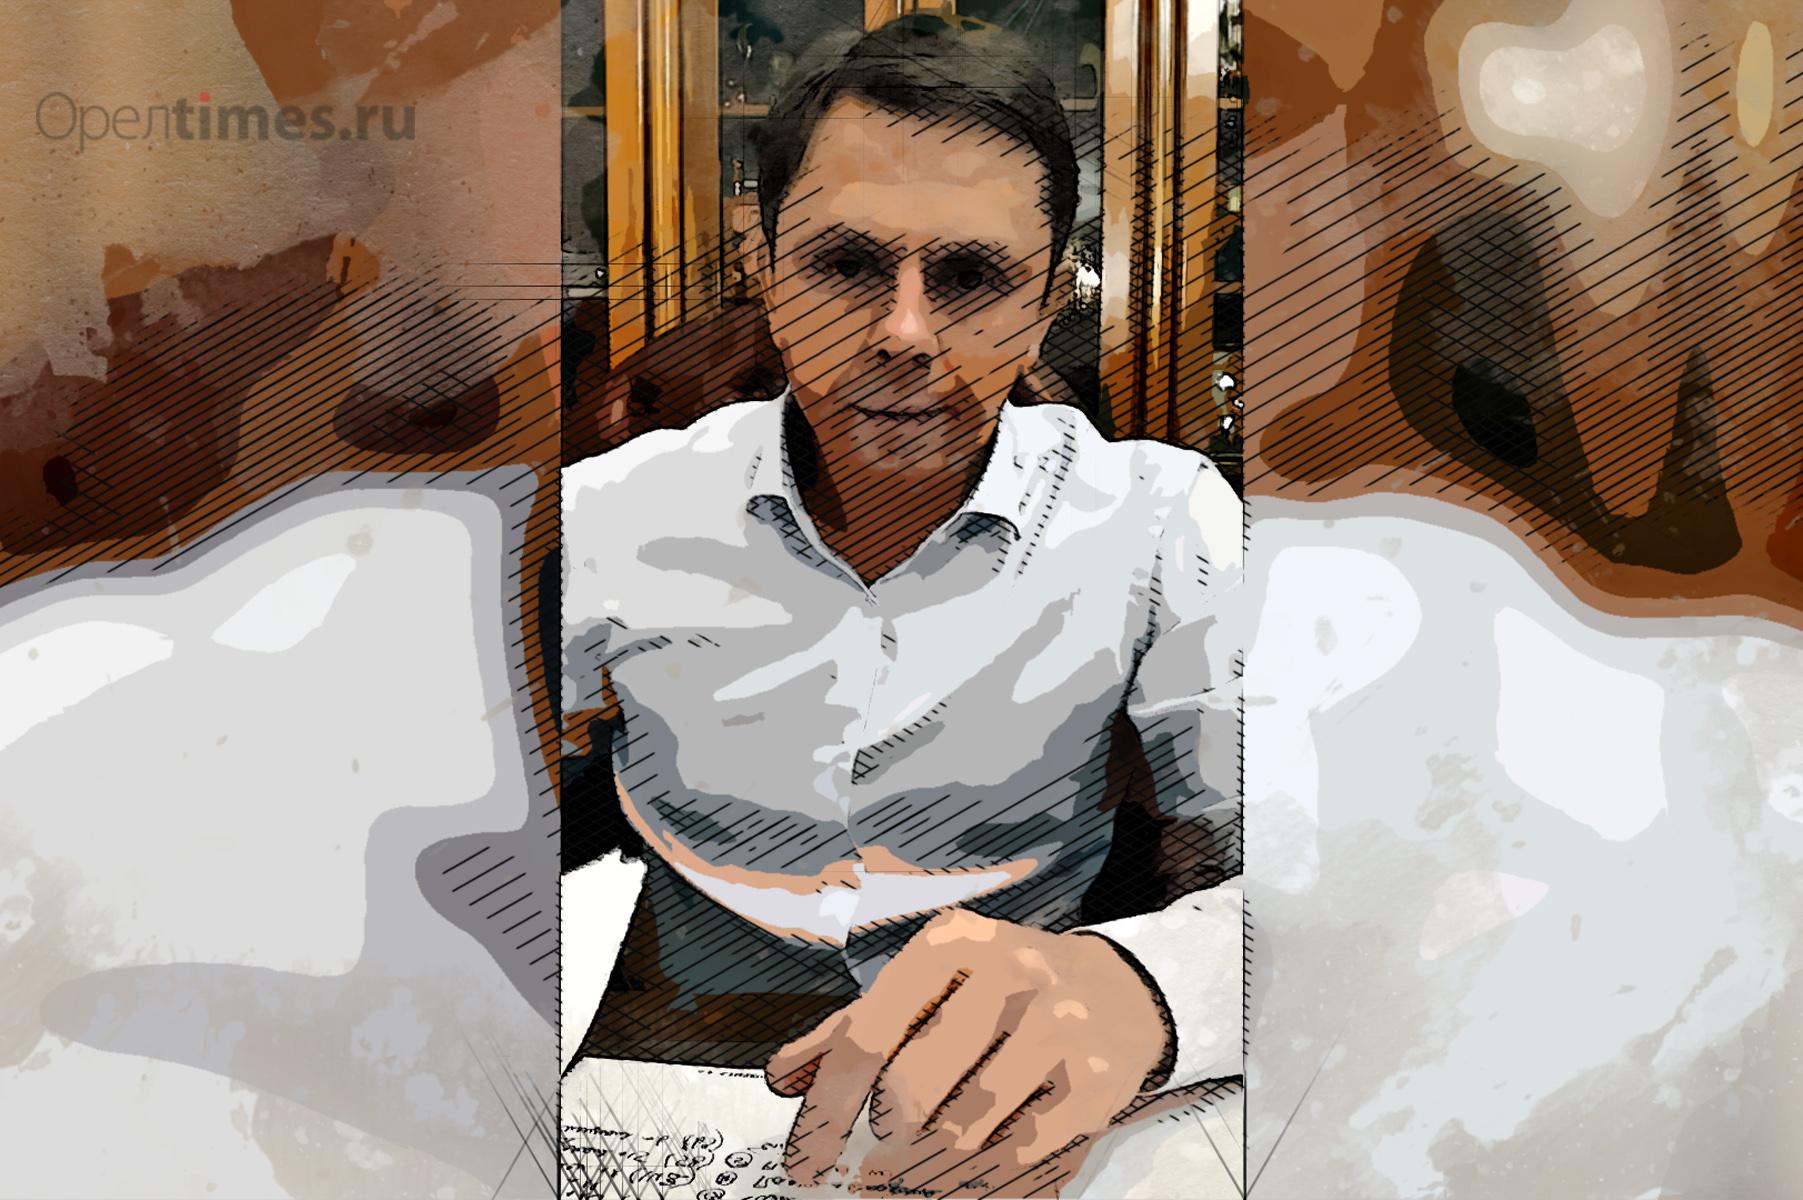 Клычков губернатор орловской области как связаться